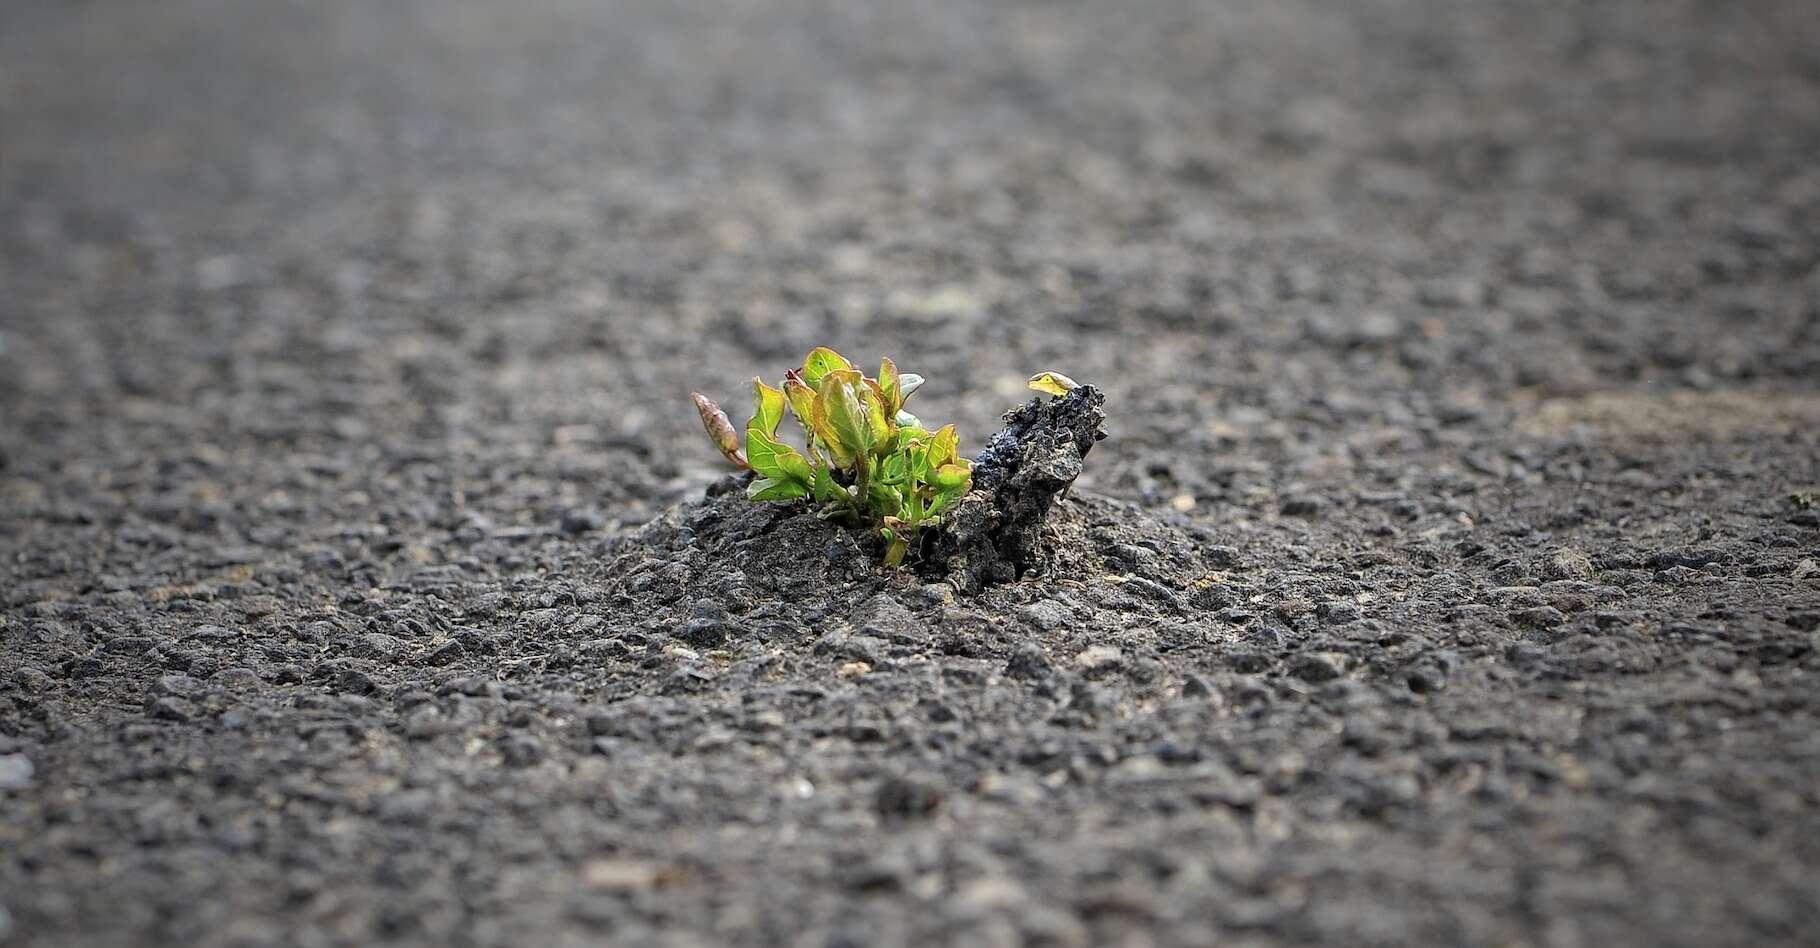 « Le succès appelle le succès. » Ainsi se résume l'effet Matthew. Mais des chercheurs viennent aussi de démontrer que « ce qui ne nous tue pas nous rend plus forts ». © bella67, Pixabay License